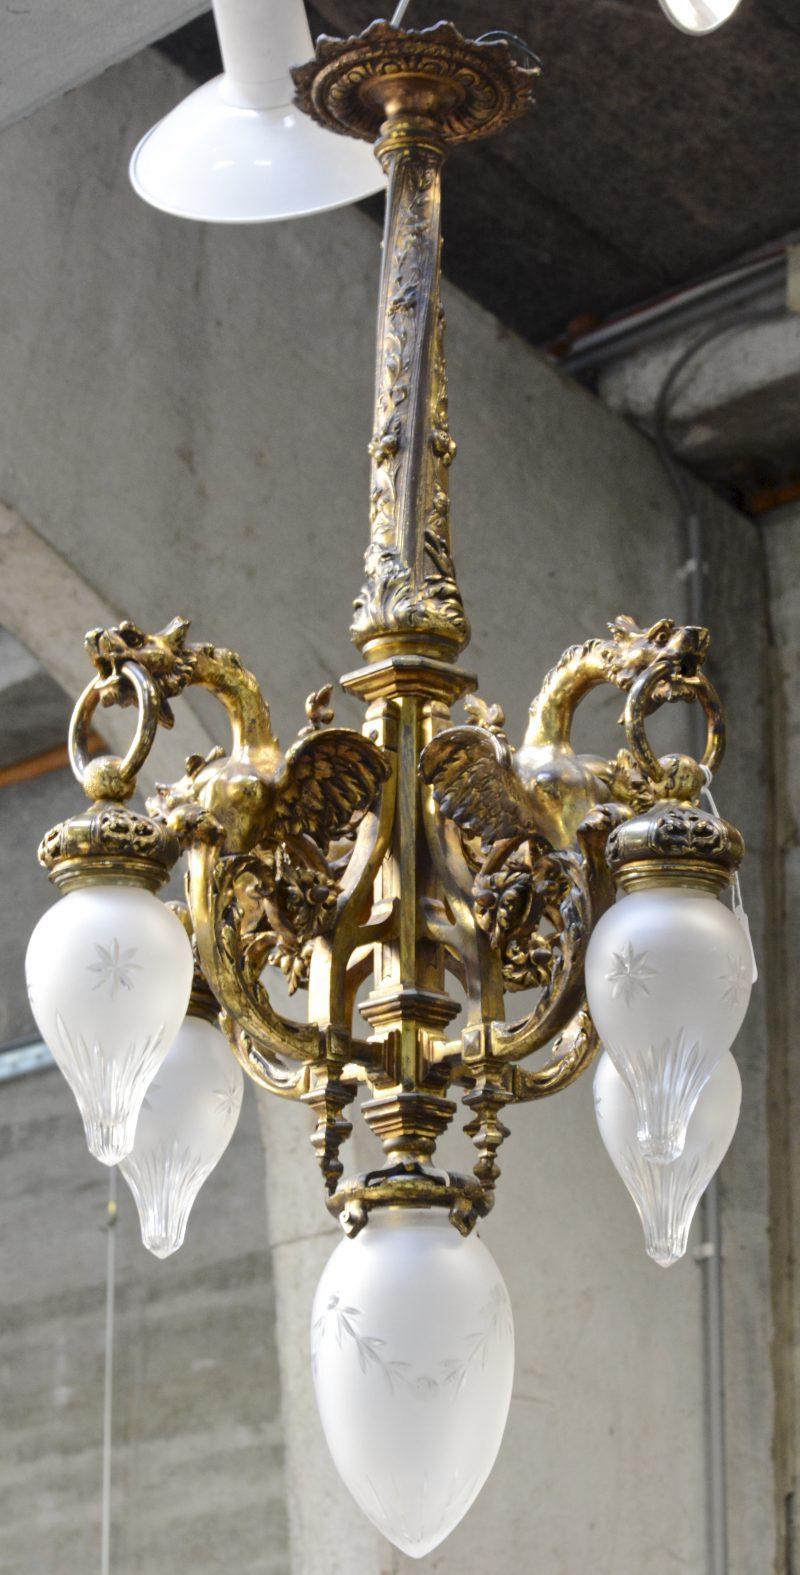 Een verguld bronzen luchter in eclectische stijl met vier lichtpunten, gedragen door vliegende draken.